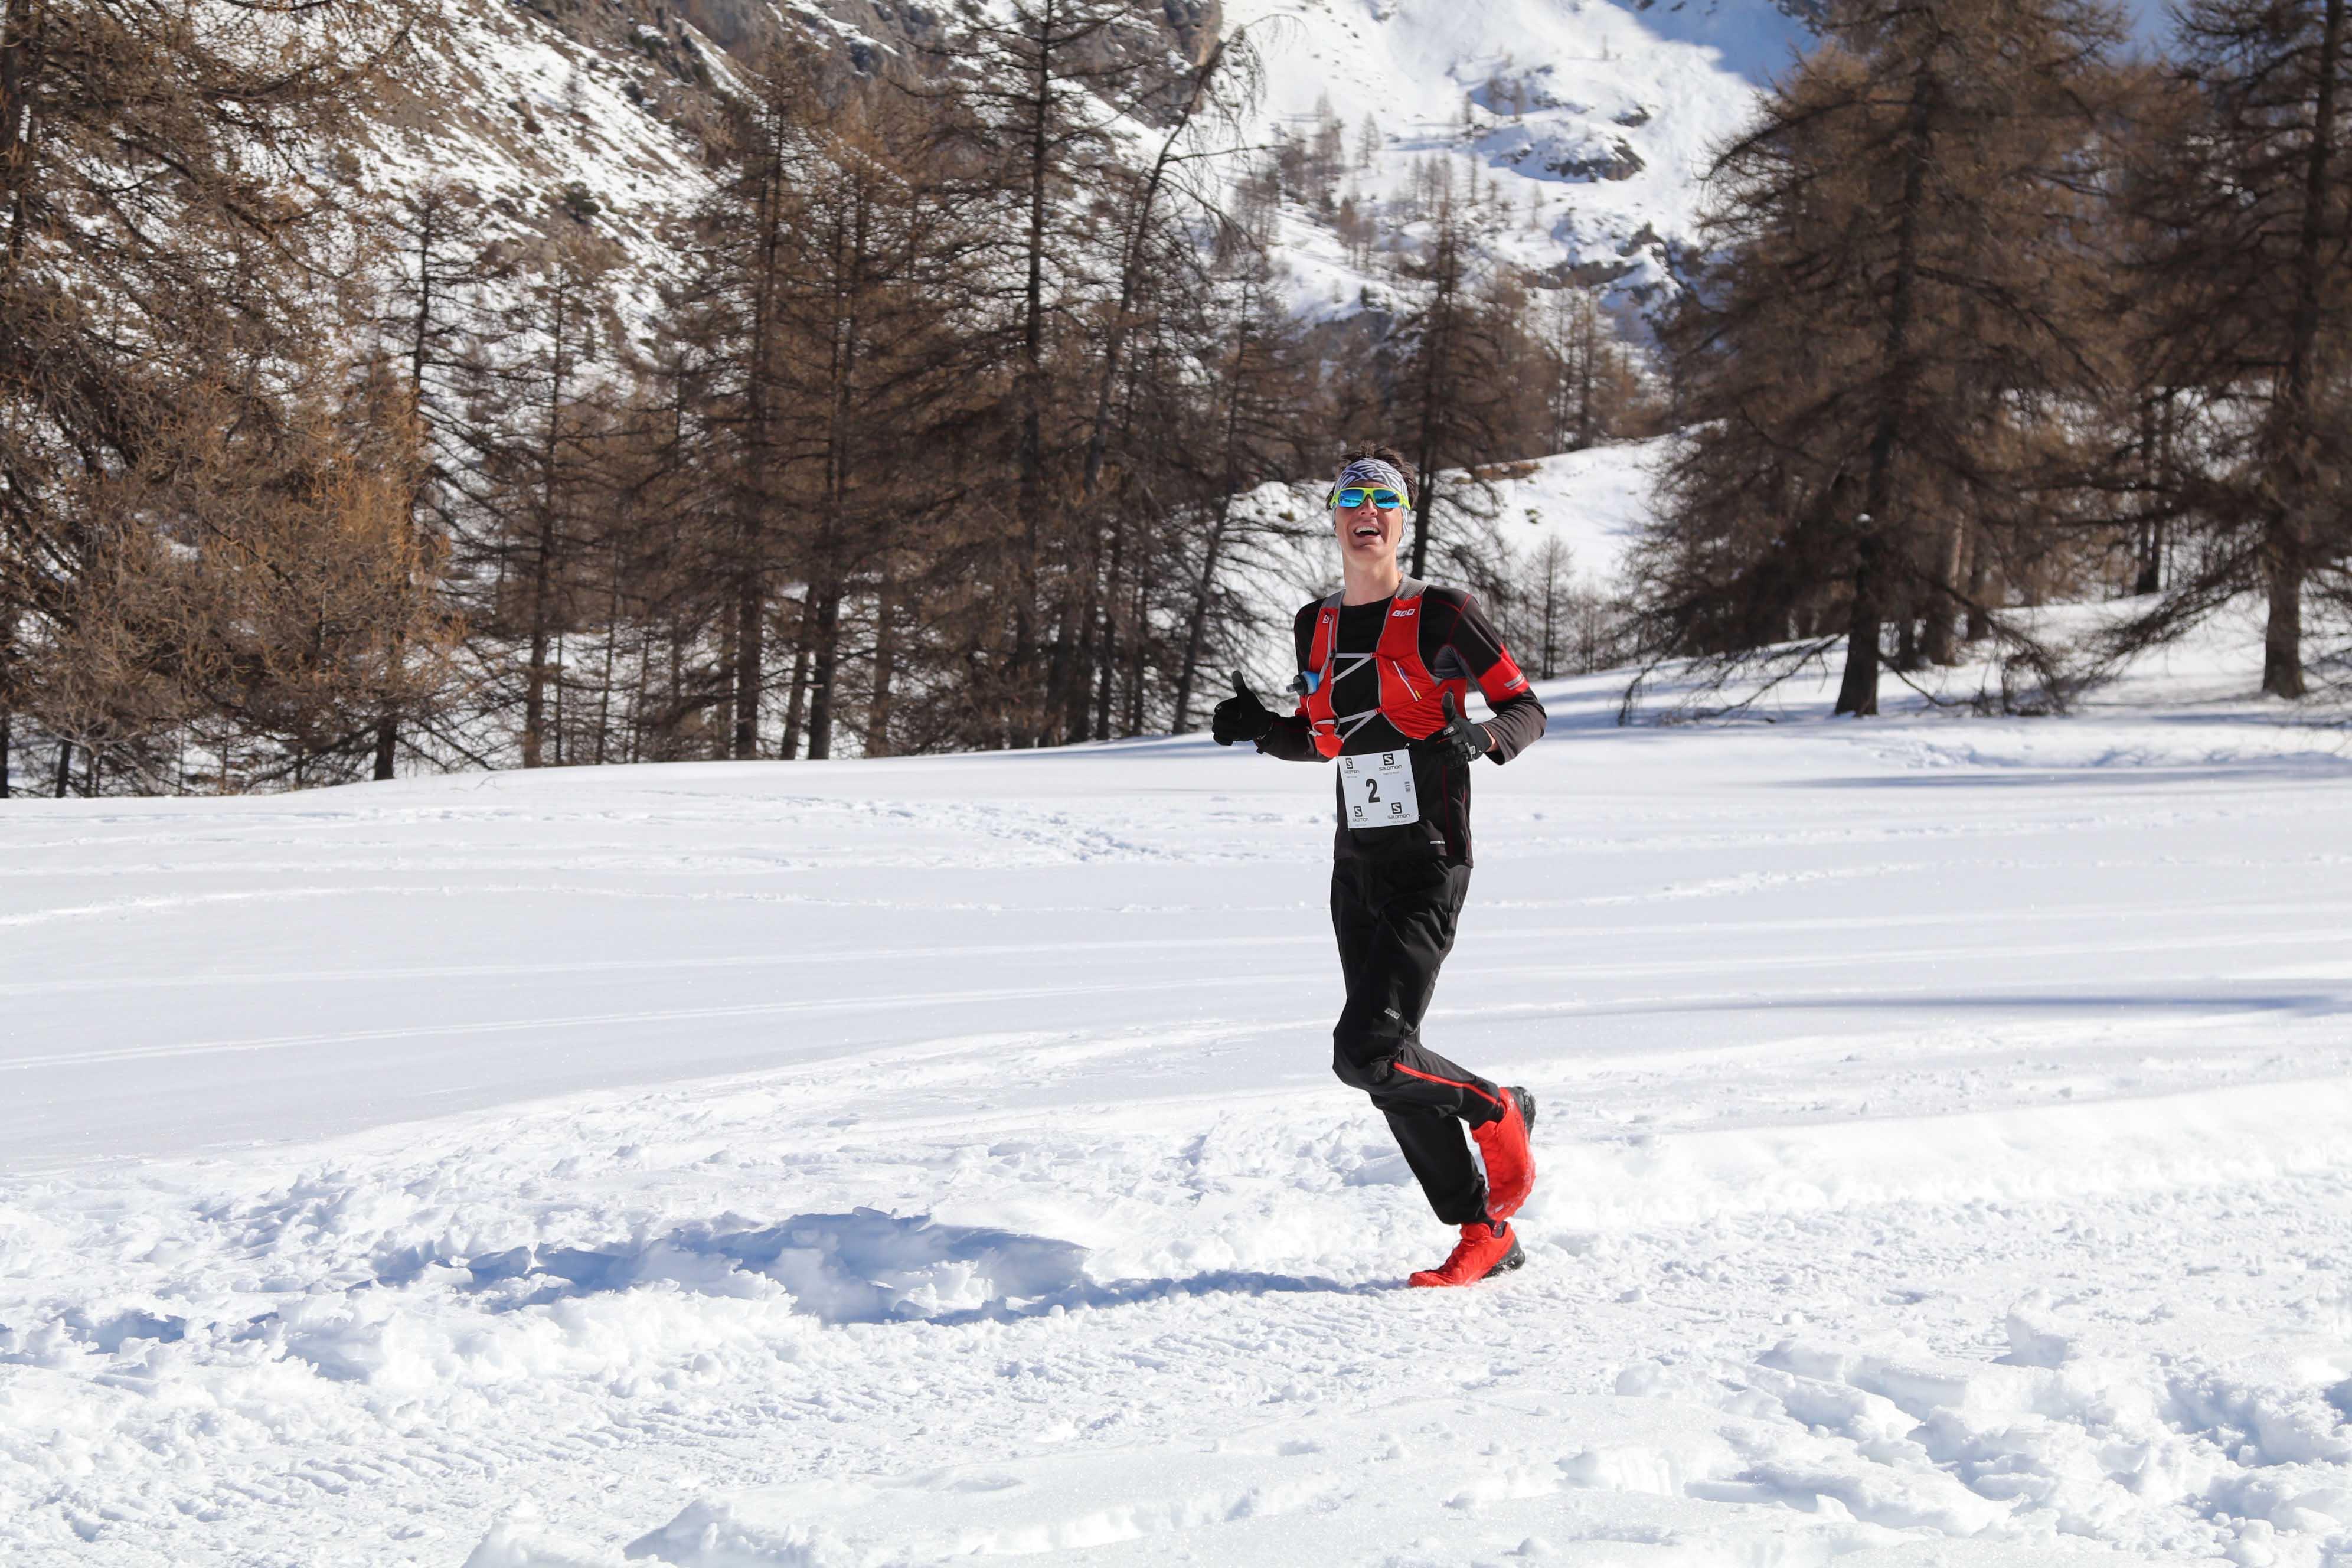 Nathan Jovet vainqueur 22 km photo Robert Goin - UBAYE SNOW TRAIL SALOMON UNE 8EME EDITION FORT REUSSIE ! 19-02-2017 RESULTATS ET VIDEO